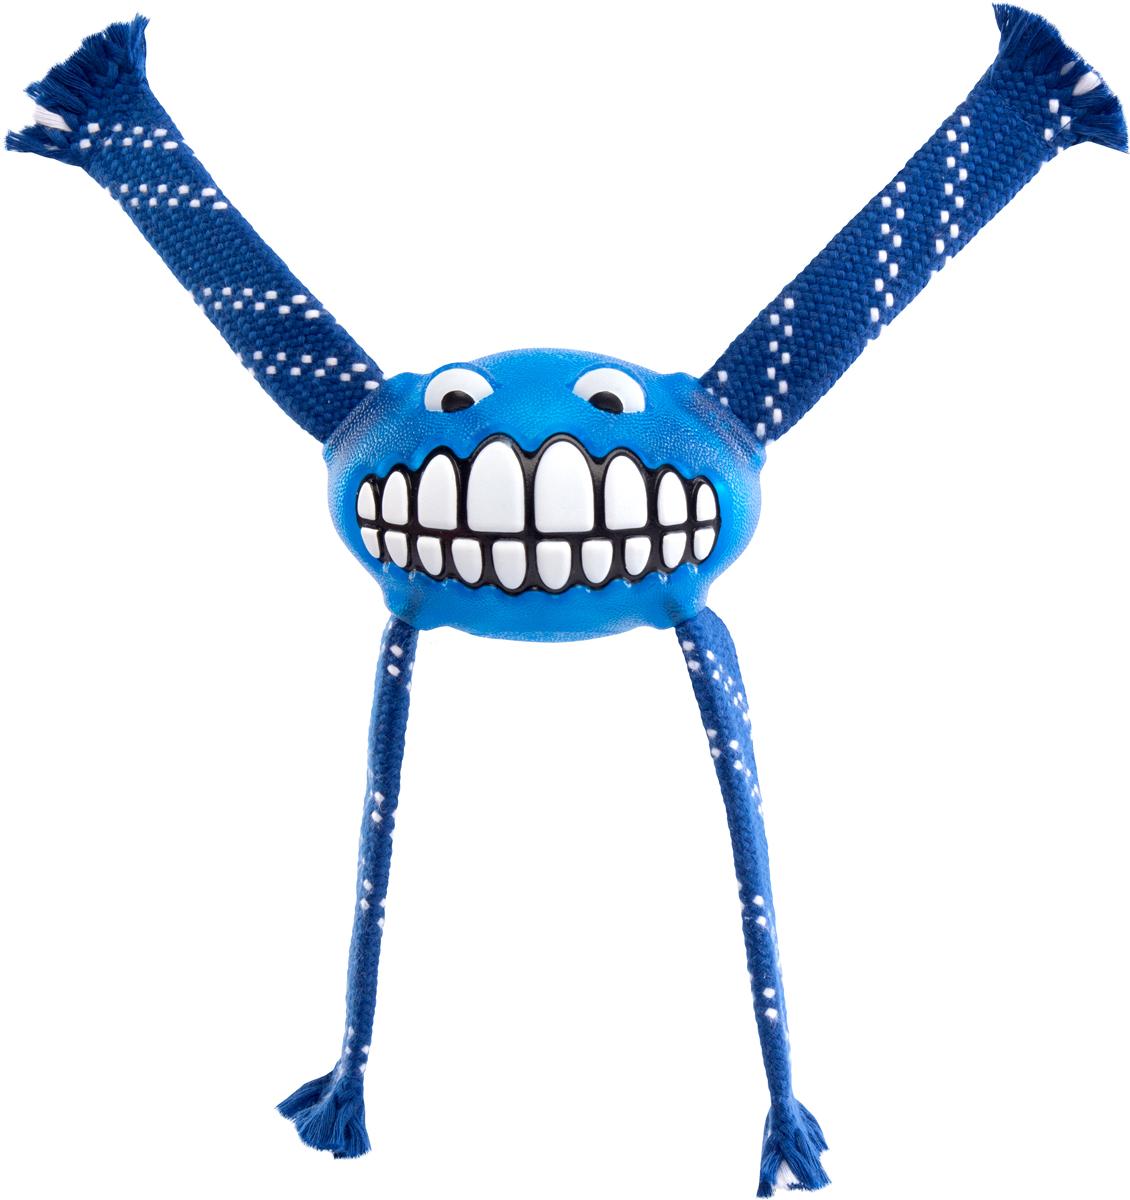 Игрушка для собак Rogz Flossy Grinz. Зубы, цвет: синий, длина 21 см0120710Игрушка для собак Rogz Flossy Grinz. Зубы типа Отними - очень прочная и крепкая.Внутри – пищалка, что поддерживает интерес животного к игре.Уникальная функция игрушки - чистит язык и зубы.